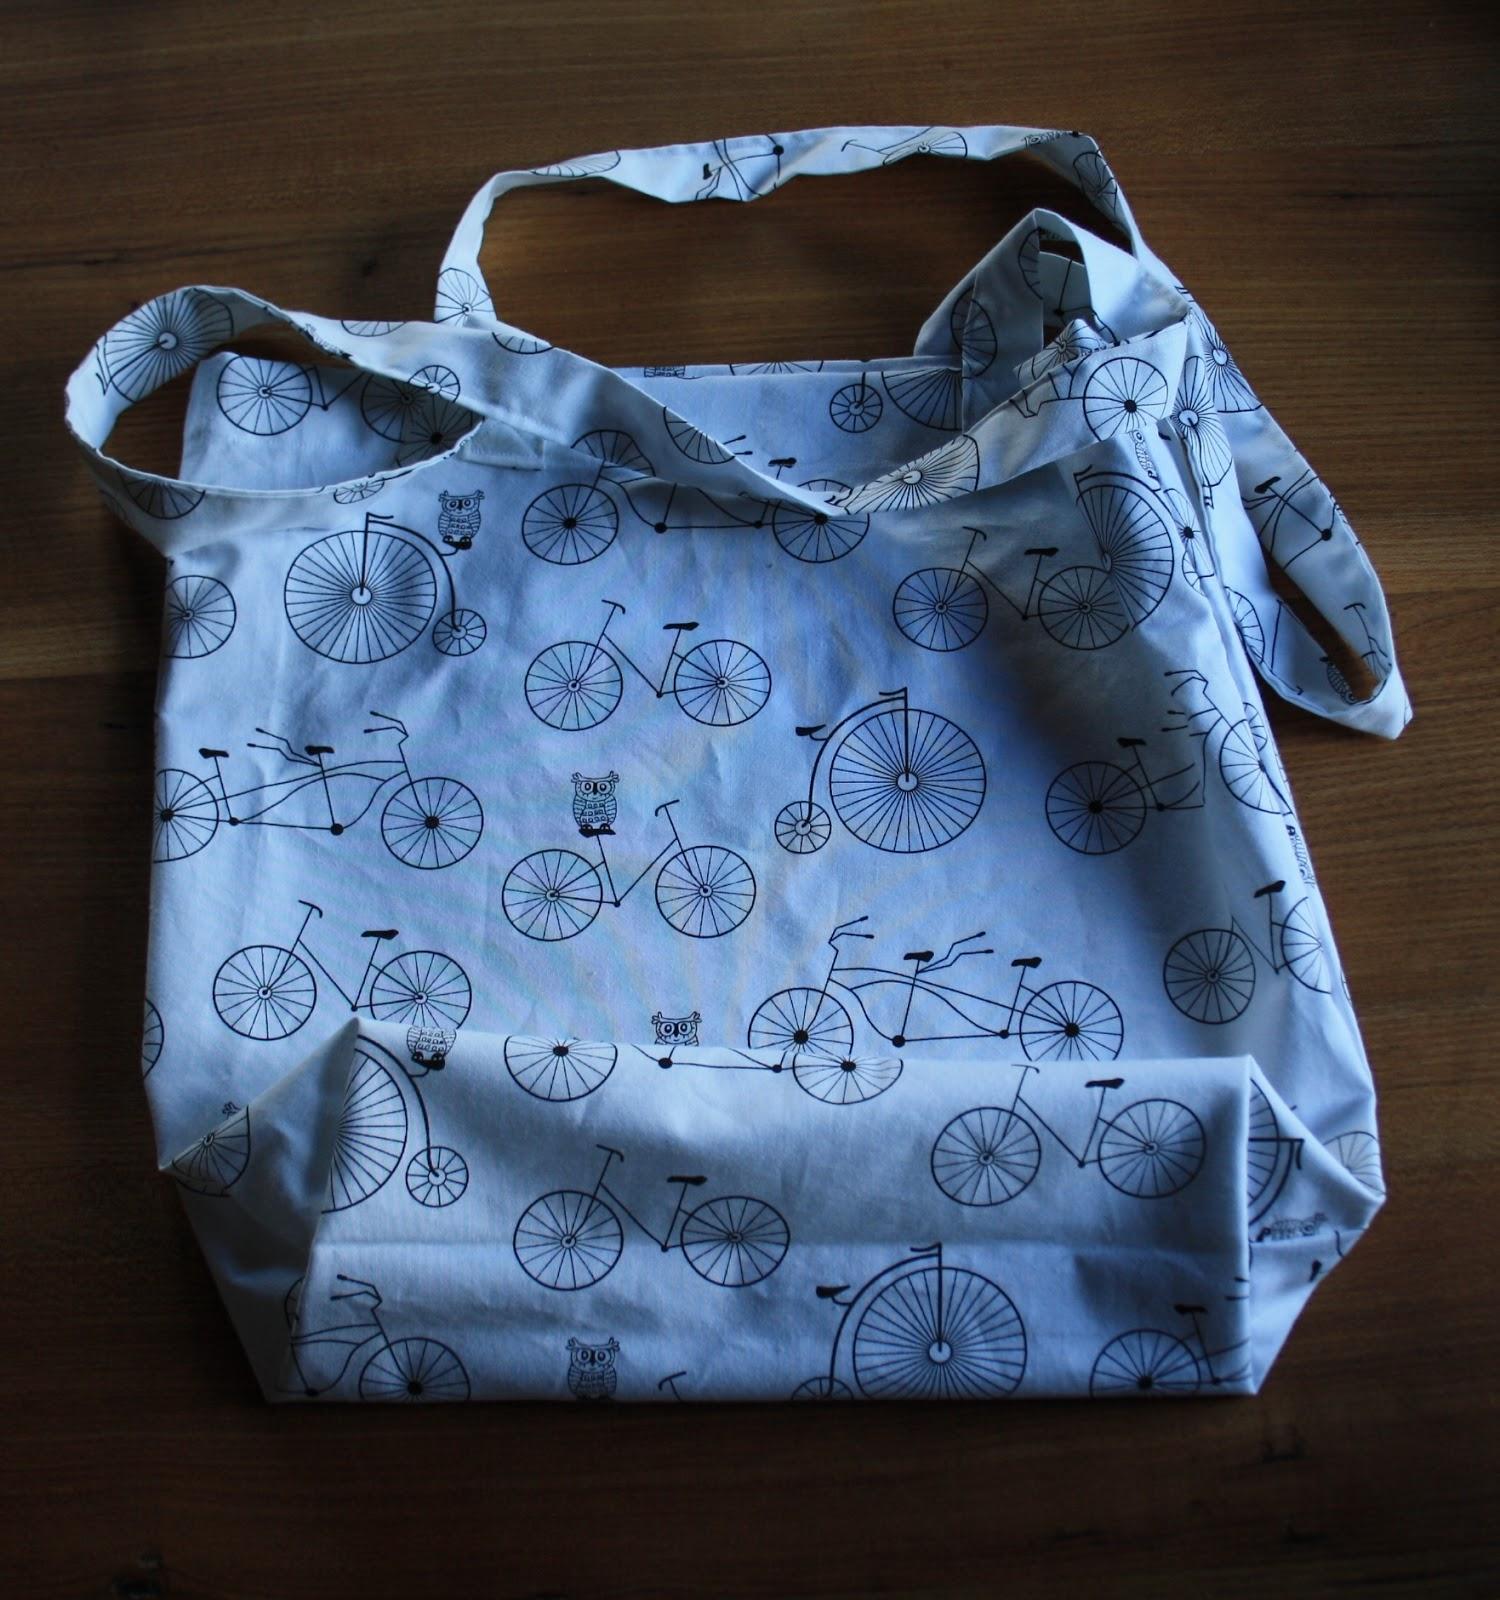 58a0ad88a3886 Postaram się opisać i pokazać na zdjęciach jak uszyć prostą torbę na  zakupy. Taka torba to idealna rzecz do nauki szycia w ogóle. Nic się nie  stanie